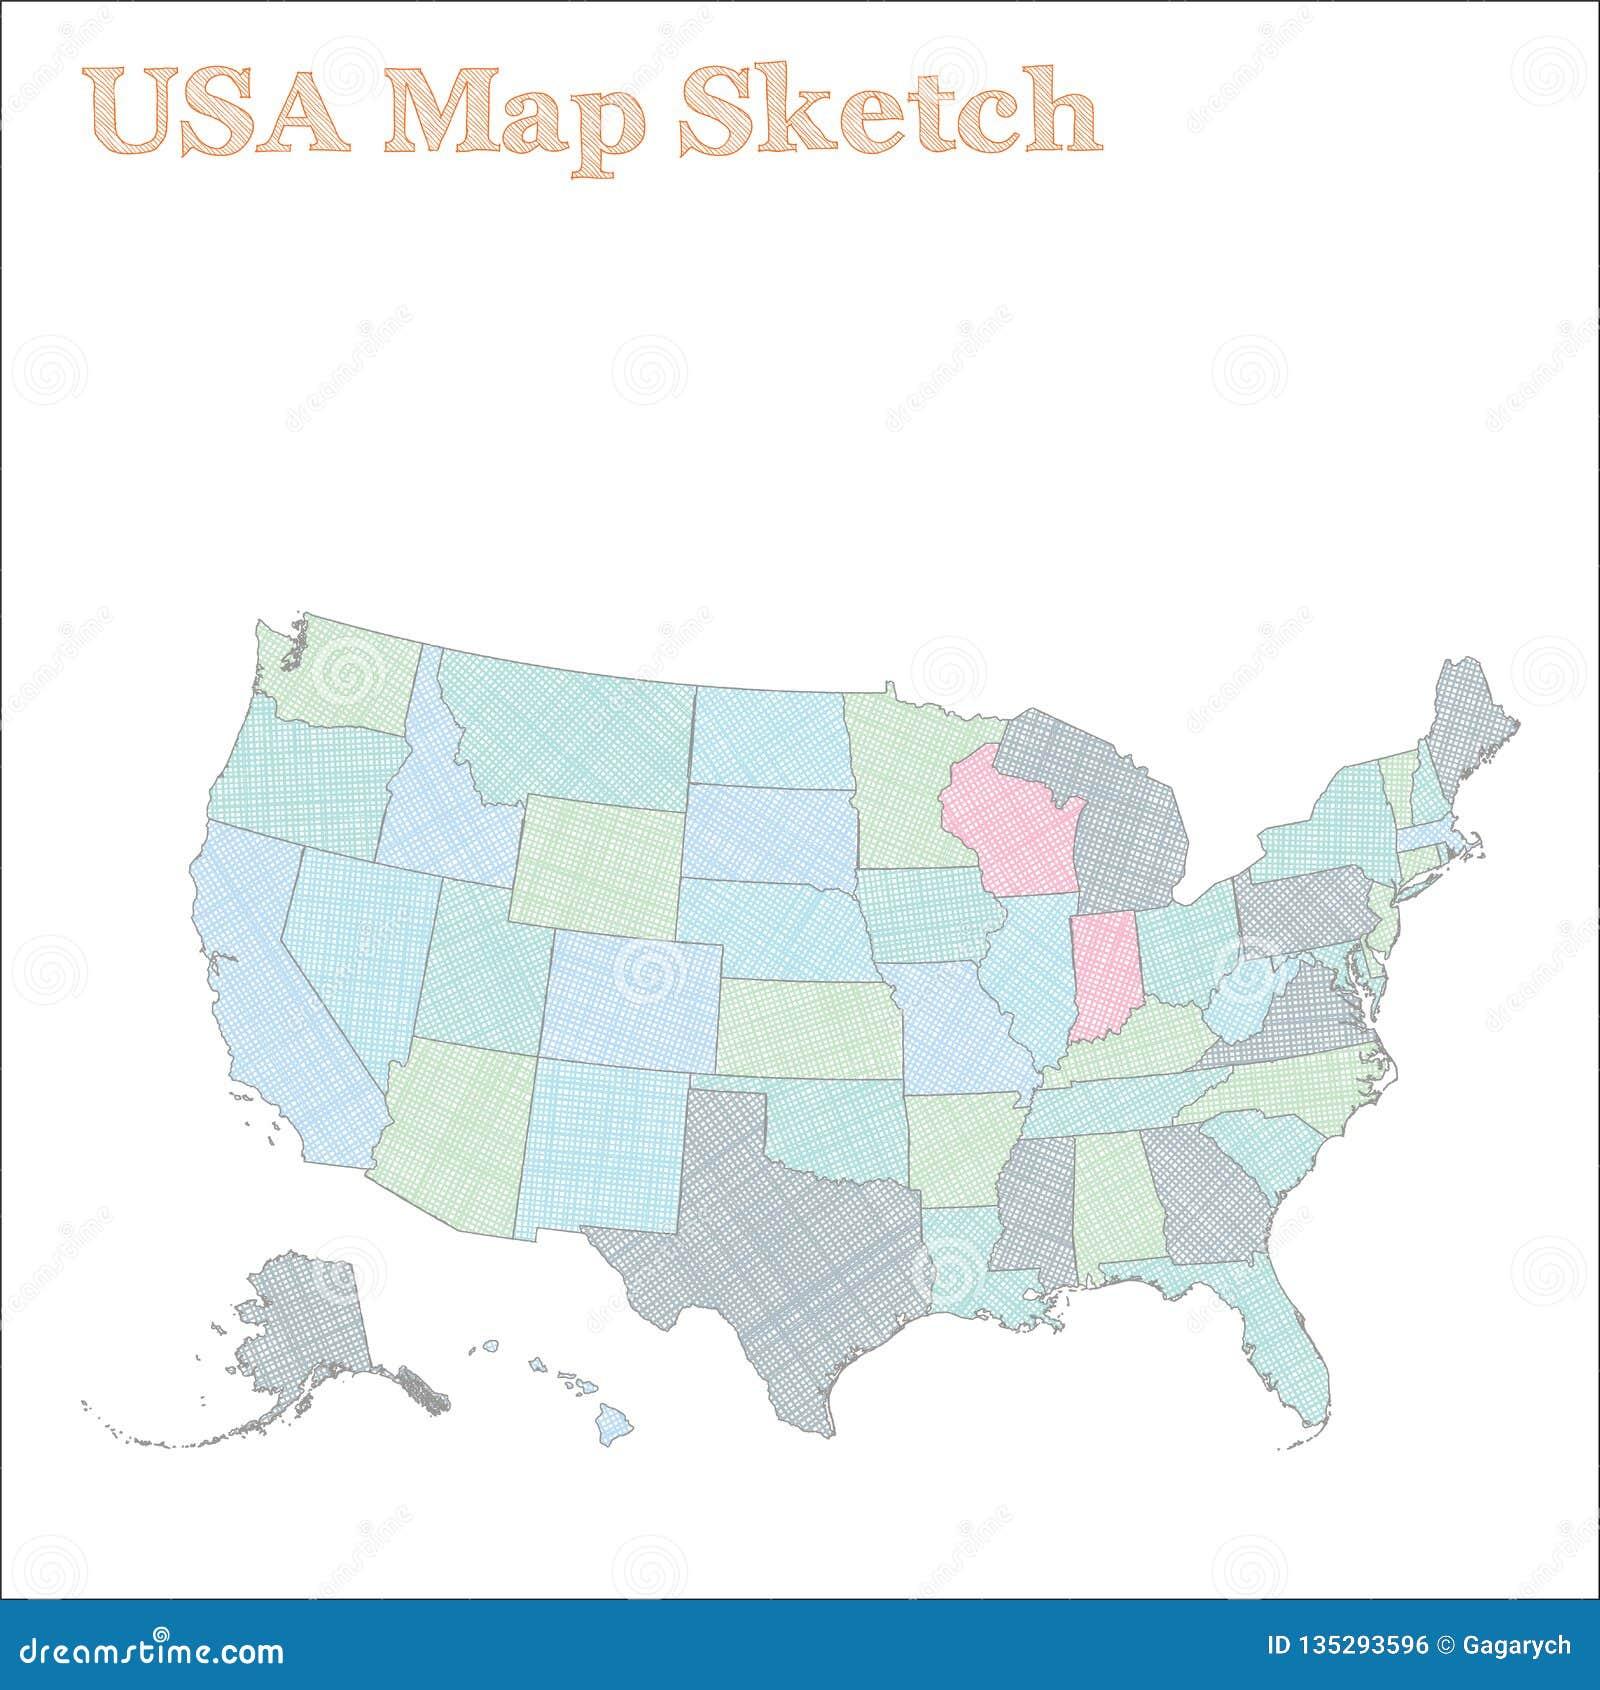 等高线图分级显示指明美国